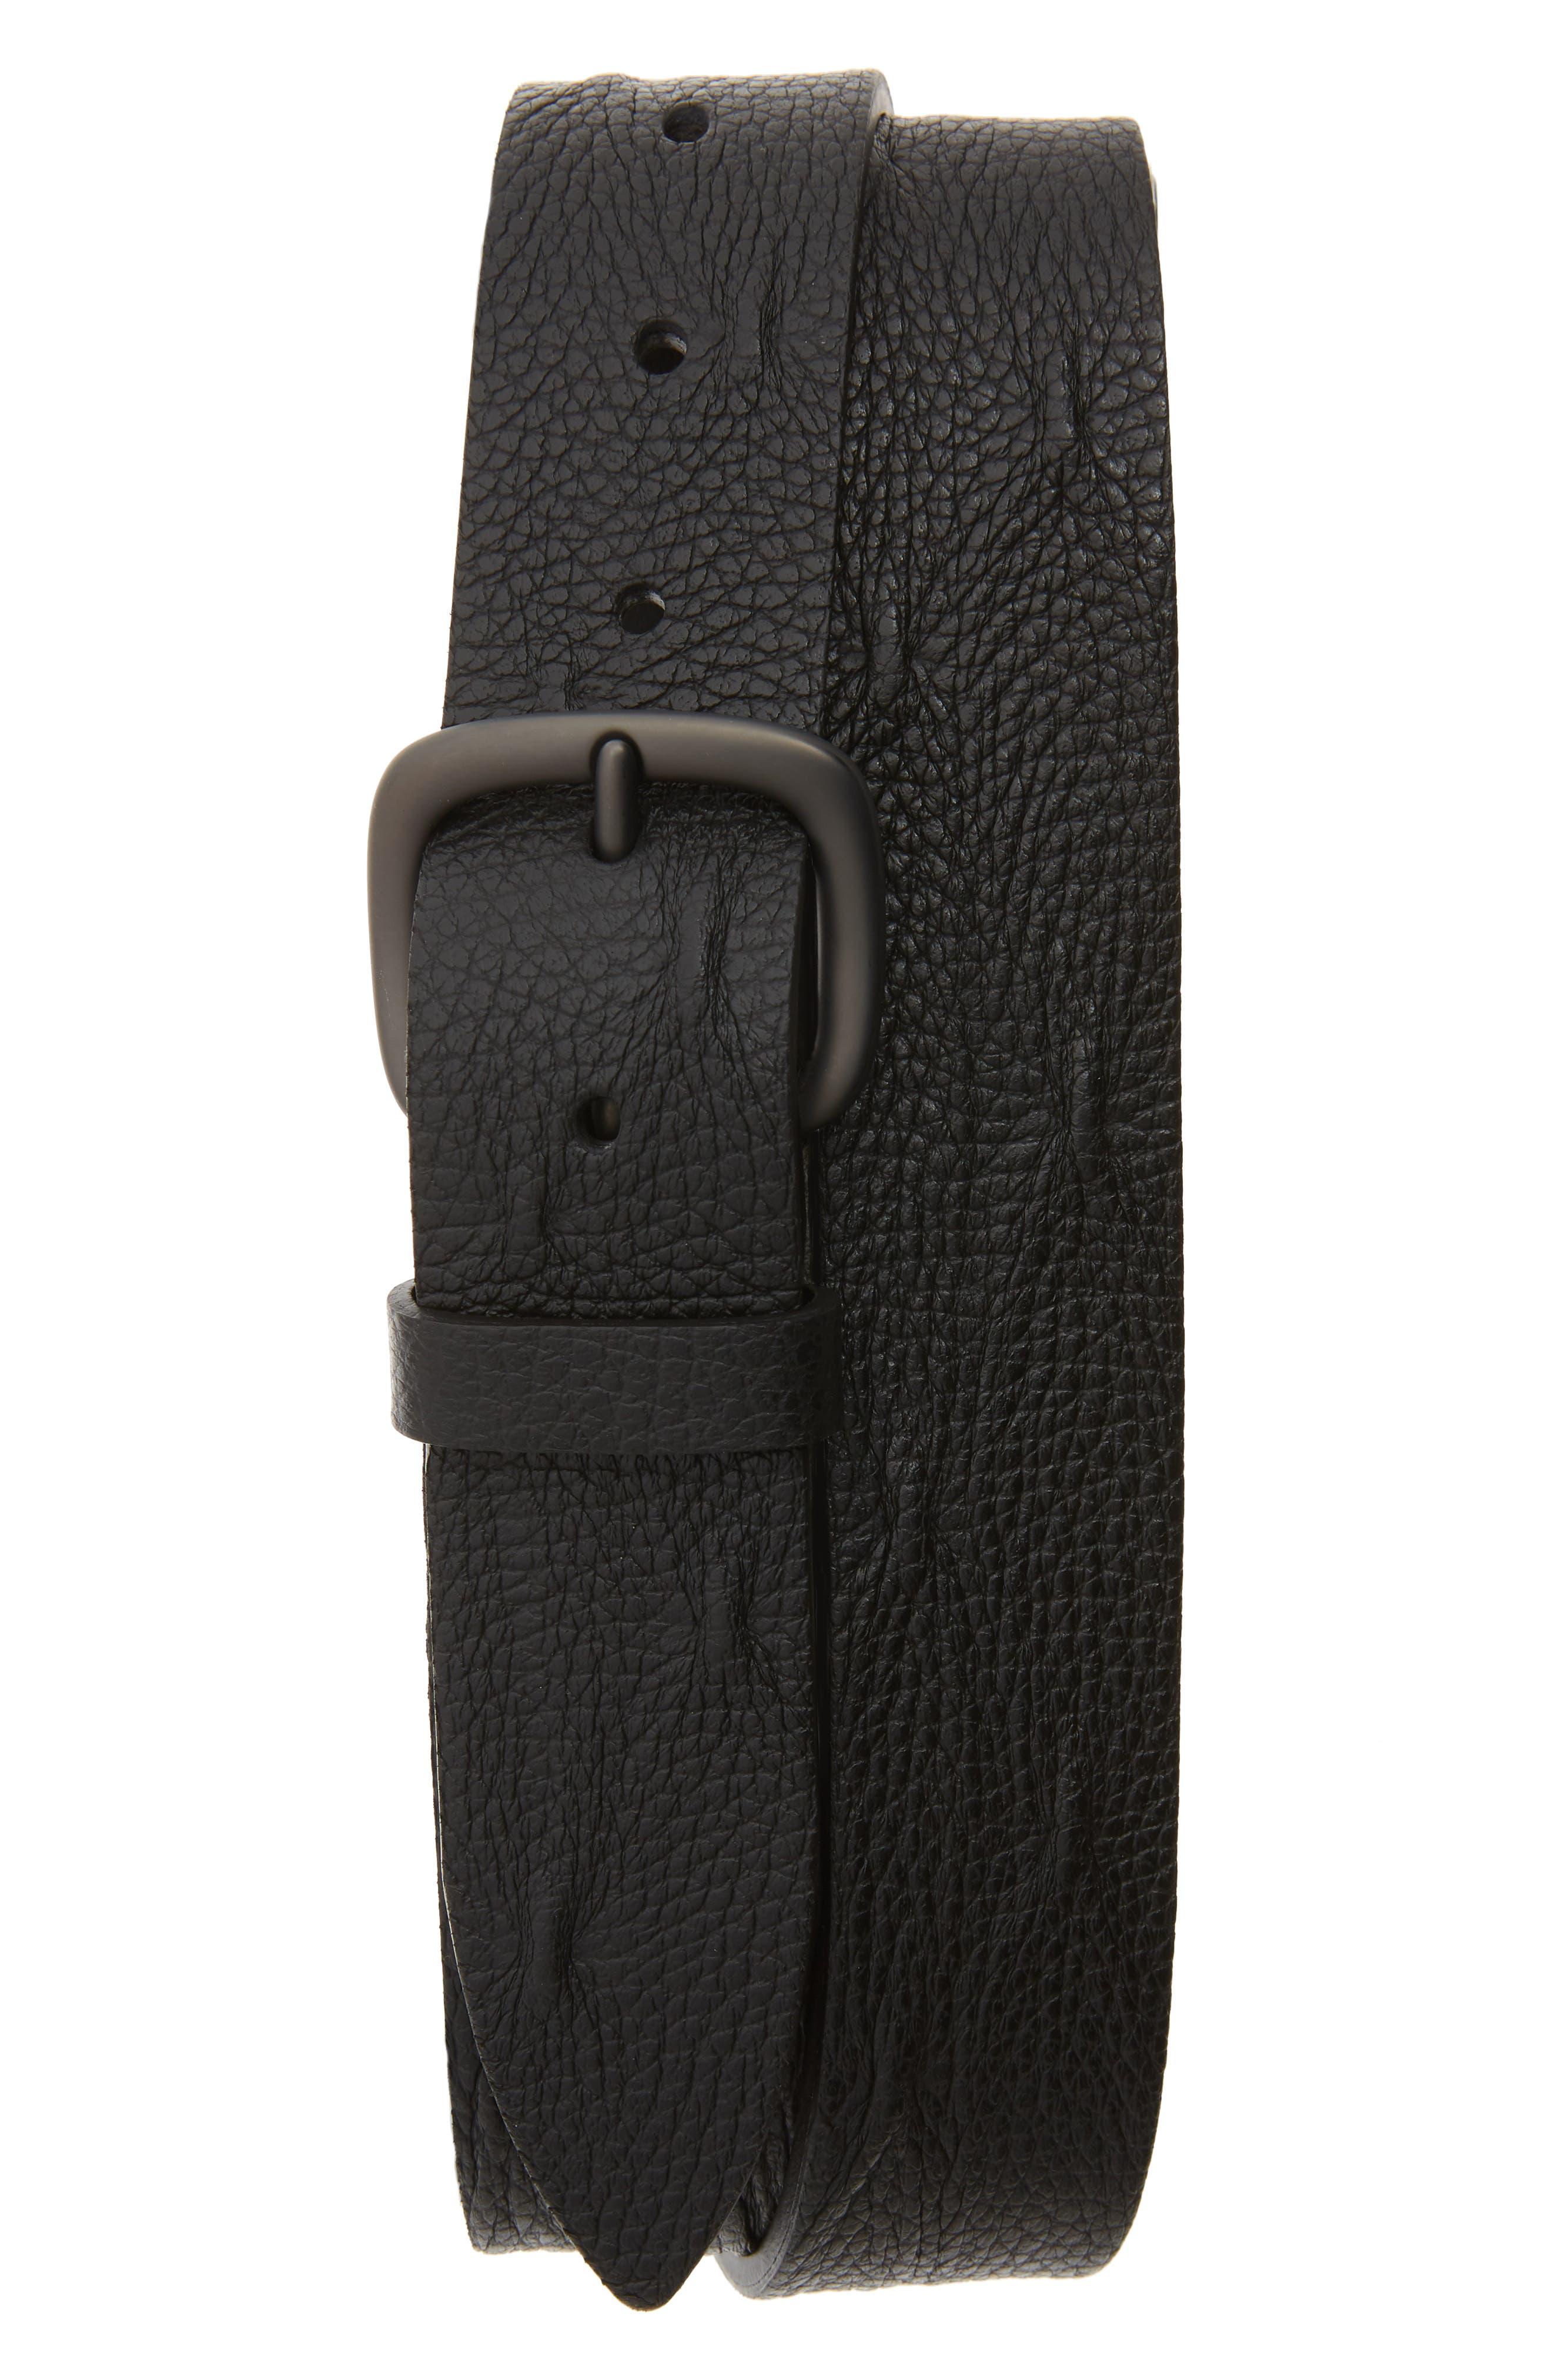 Orciani Micron Pebbled Leather Belt, Nero